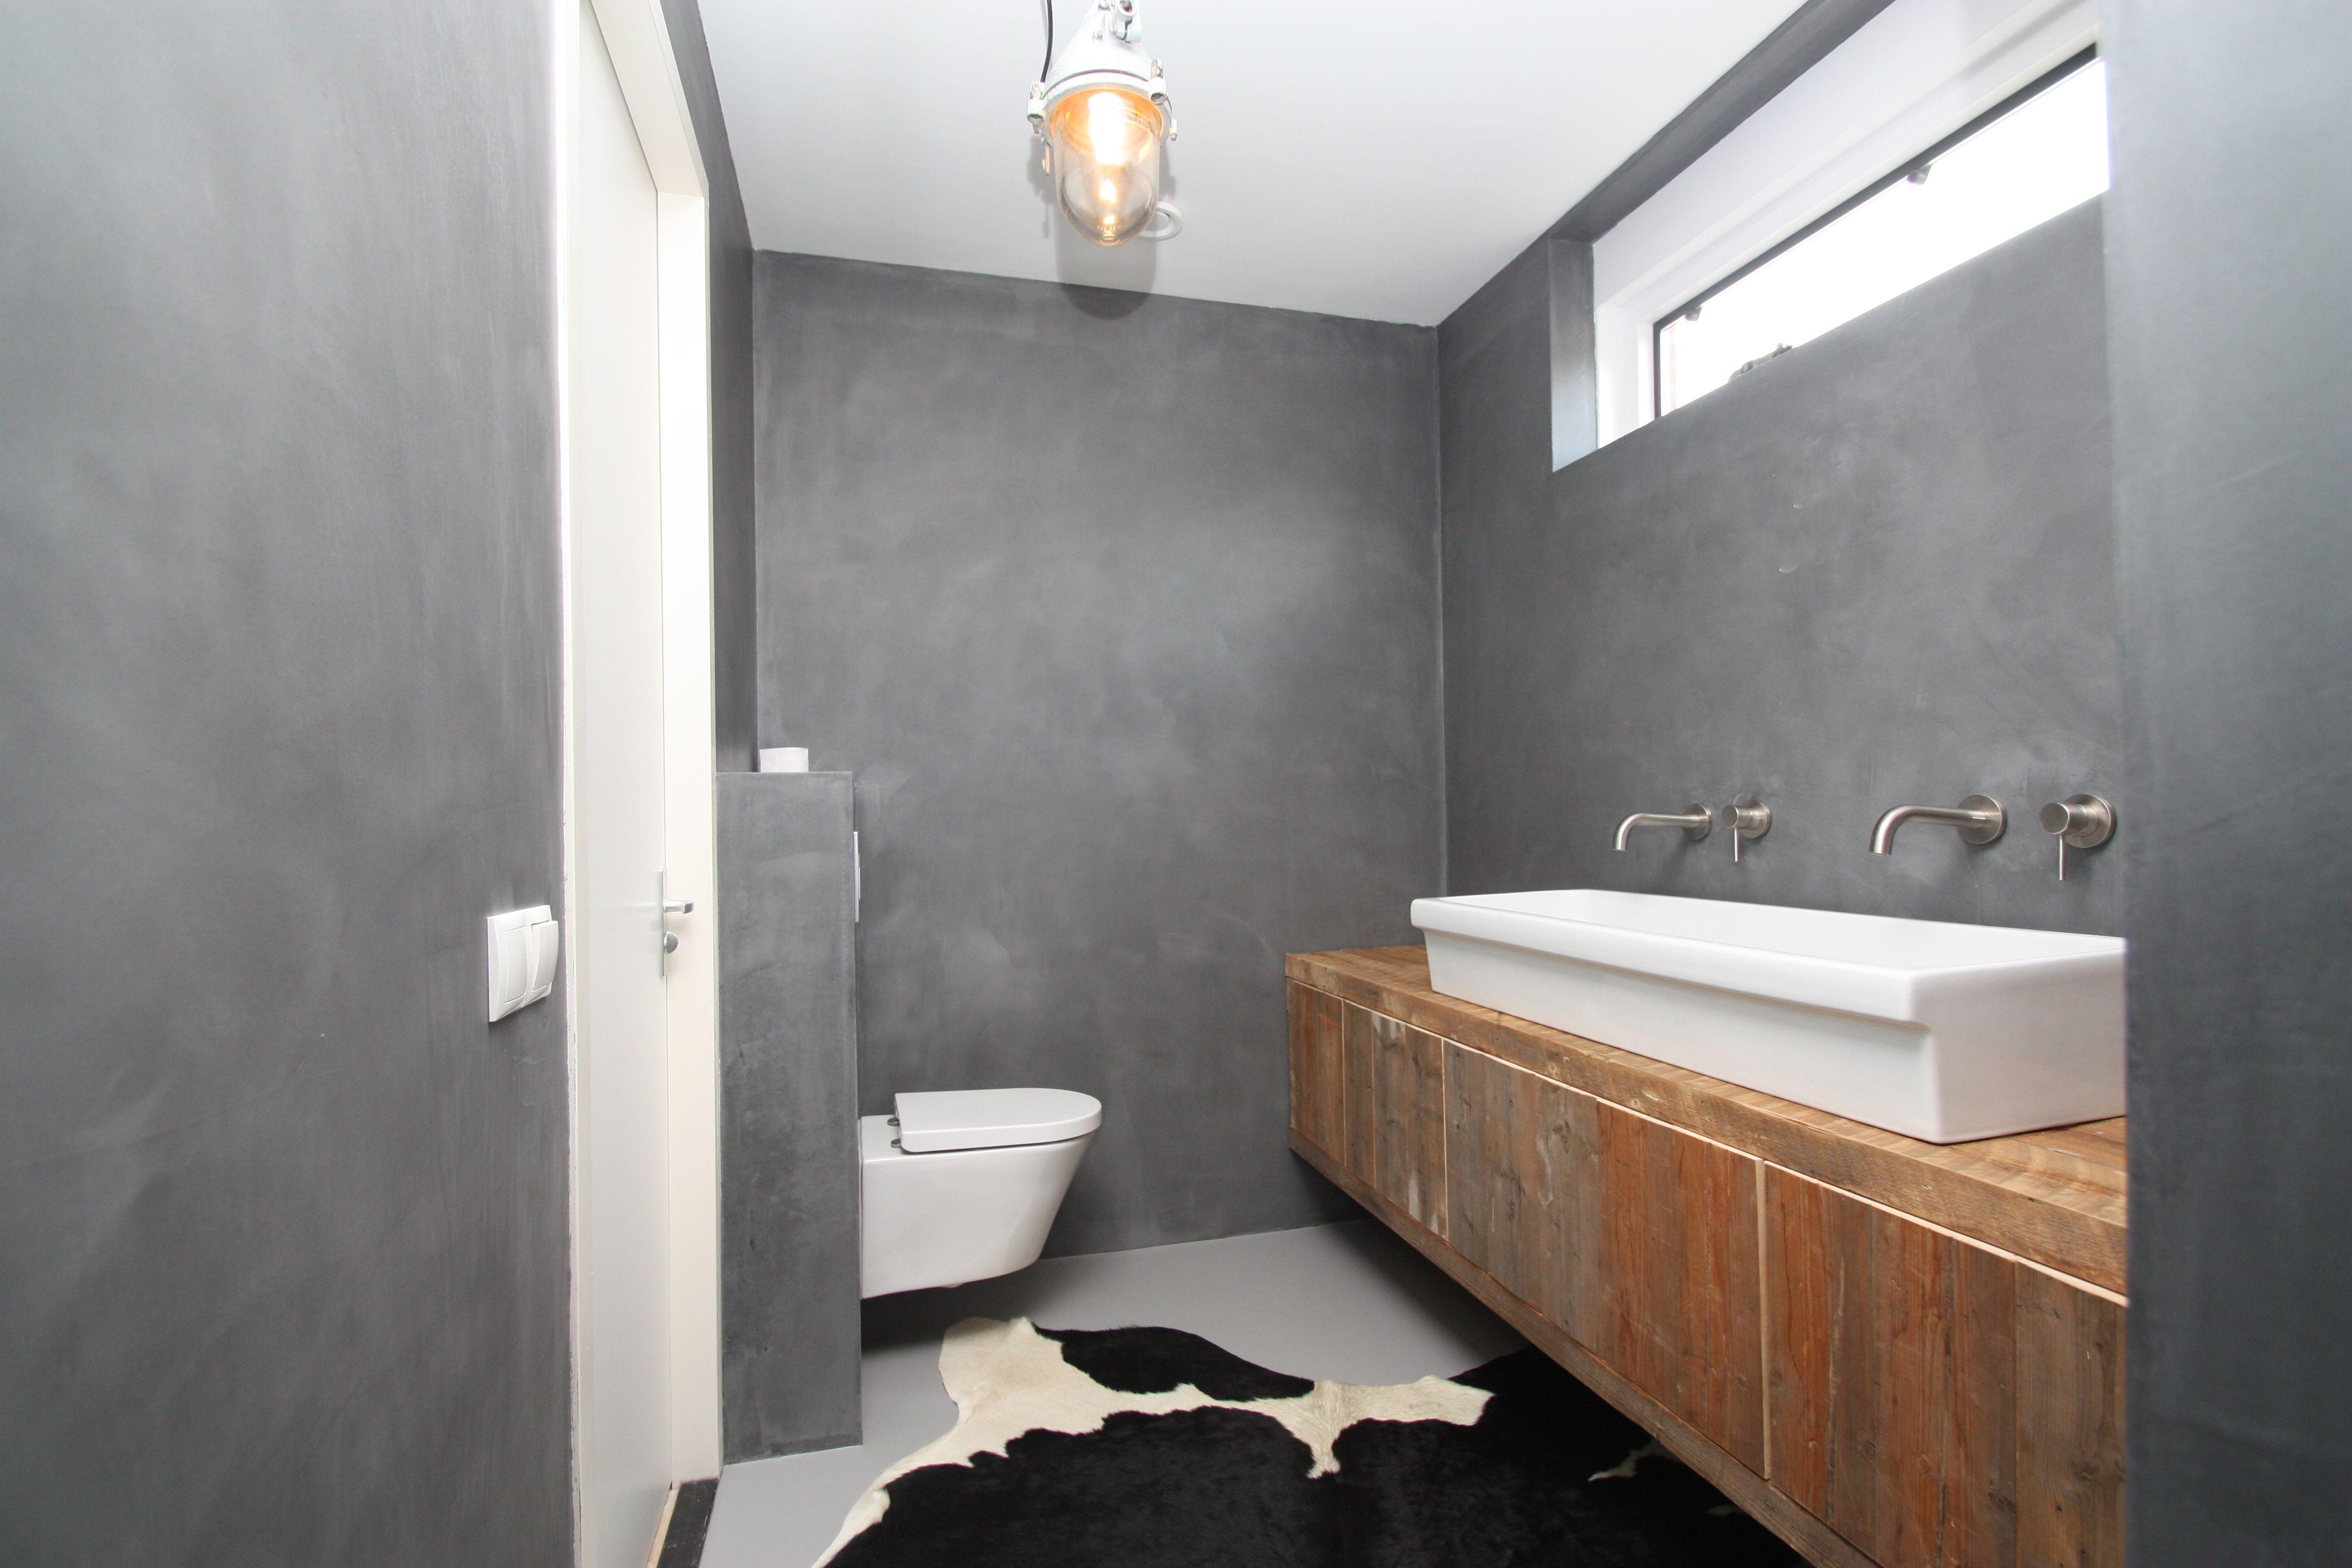 Beton Cire Tegels : Deze cemcolori badkamer is voorzien van een mooie beton ciré